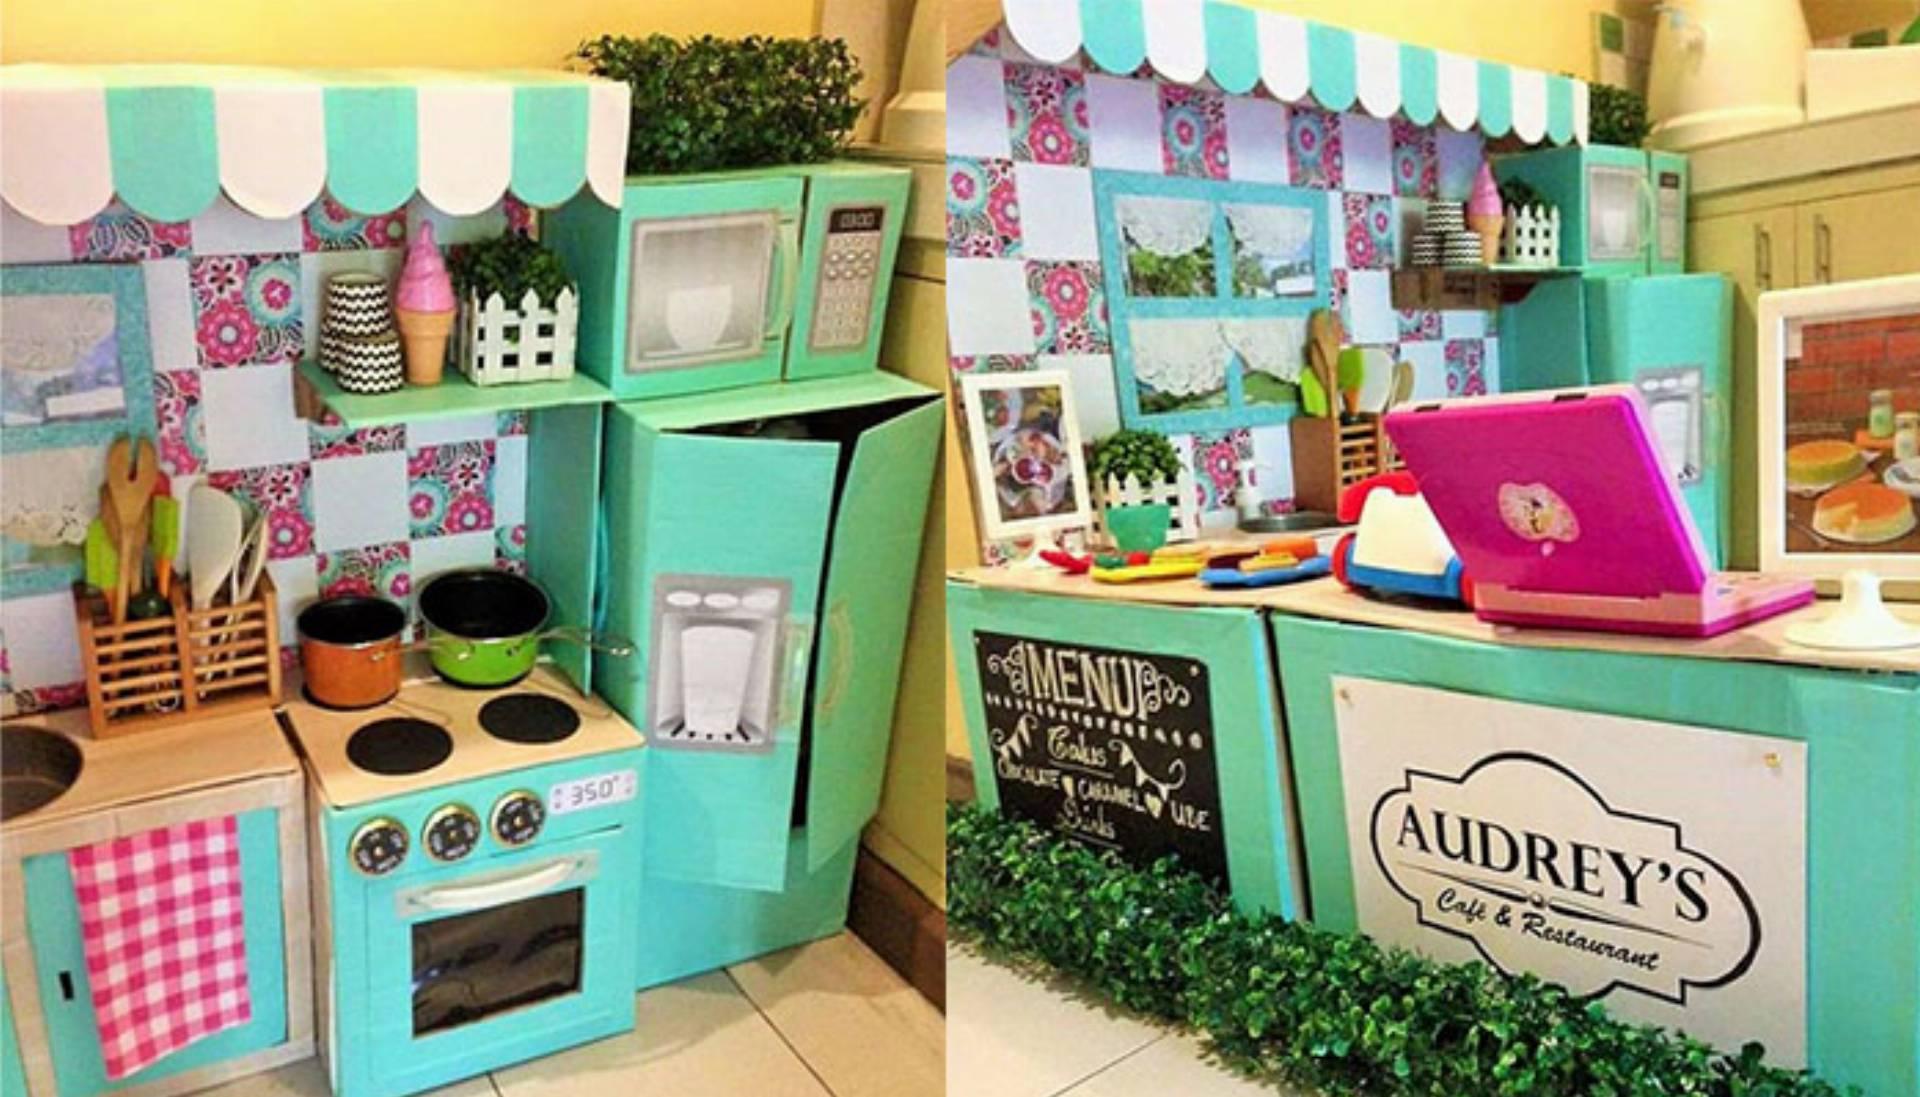 Inspiracjie DIY Zabawkowa kuchnia dla dziecka  KobietaMag pl -> Kuchnia Dla Dzieci Na Baterie